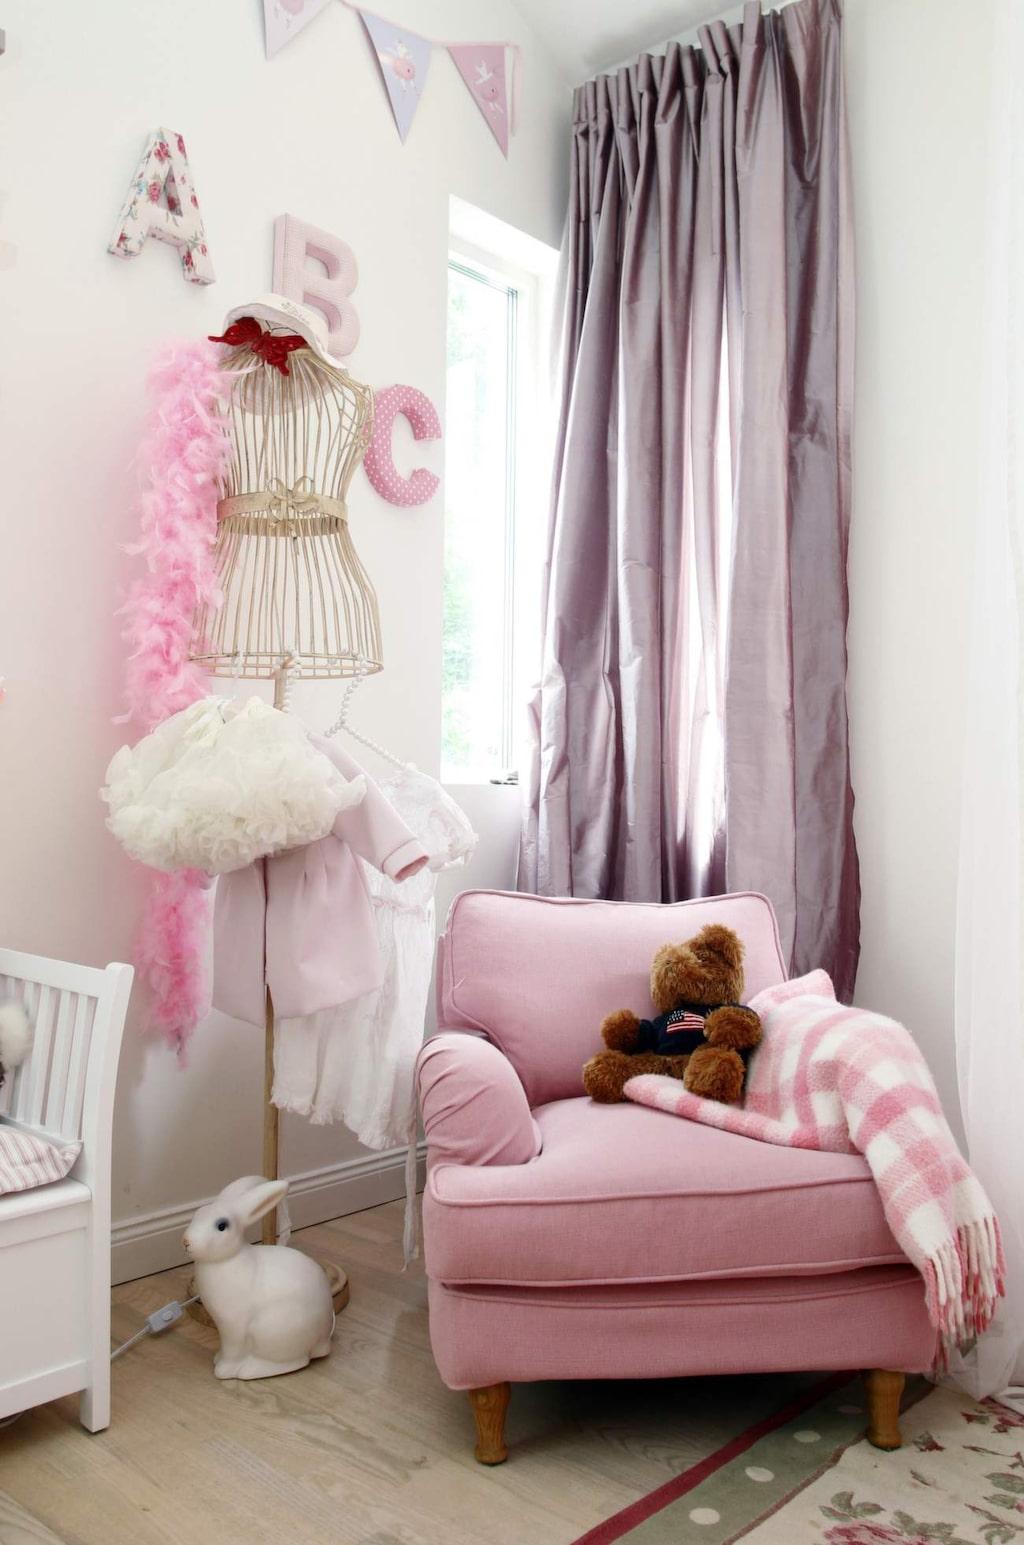 <p>Konstnären Carolina Gynnings barnrum är ett riktig drömrum i rosa och spets. Fåtöljen kommer från Länna möbler, klädhängaren är en present från Carolinas pappa som jobbar med kläder.</p>